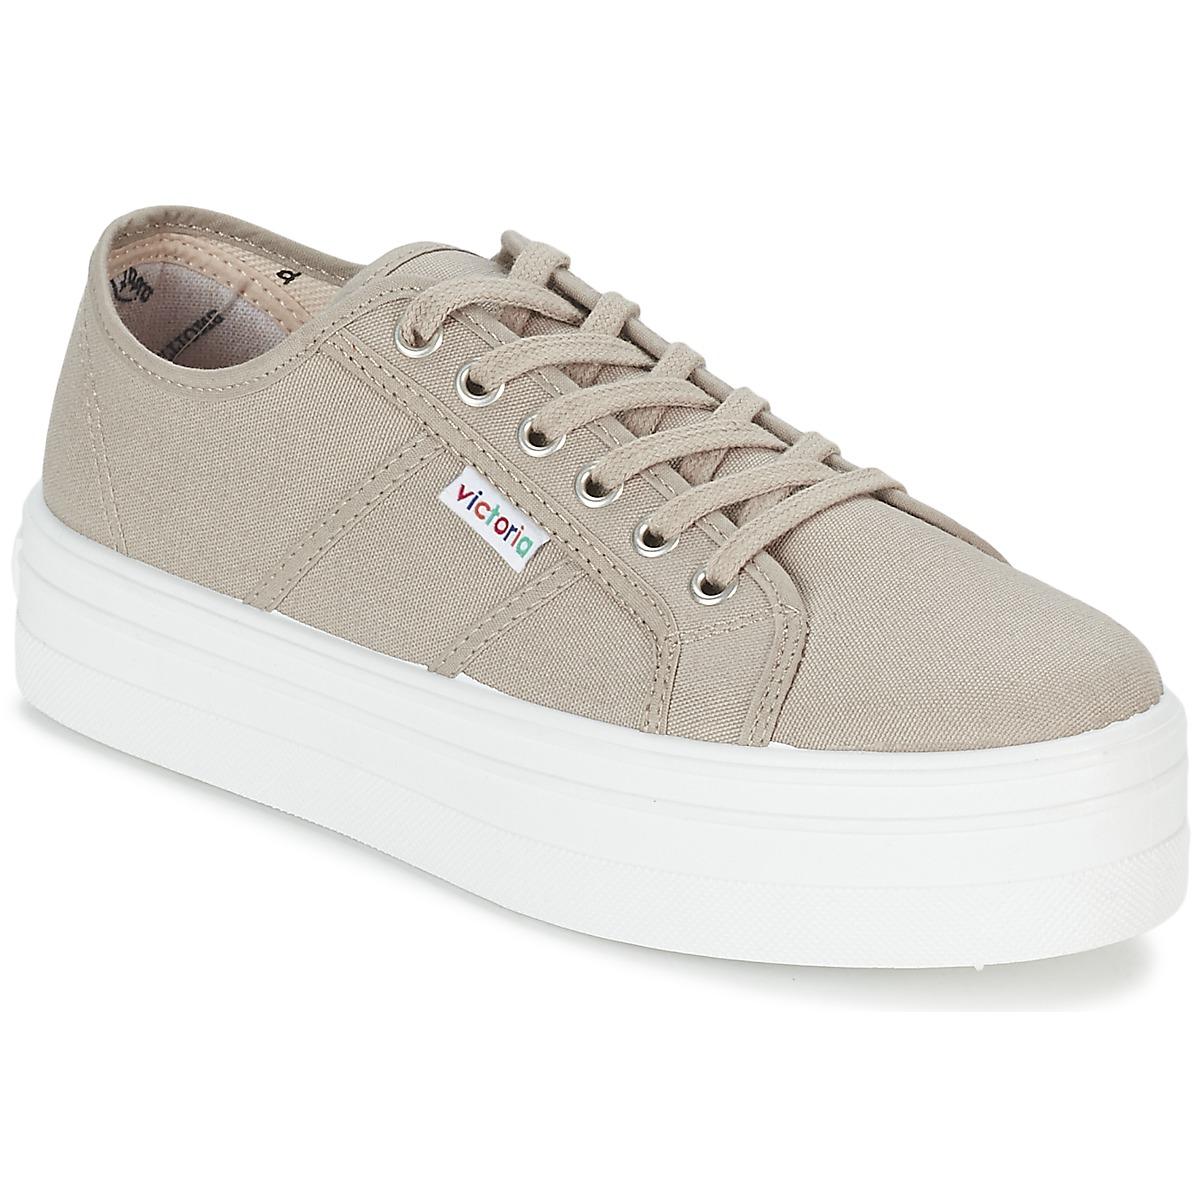 Victoria BLUCHER LONA PLATAFORMA Beige - Kostenloser Versand bei Spartoode ! - Schuhe Sneaker Low Damen 36,00 €